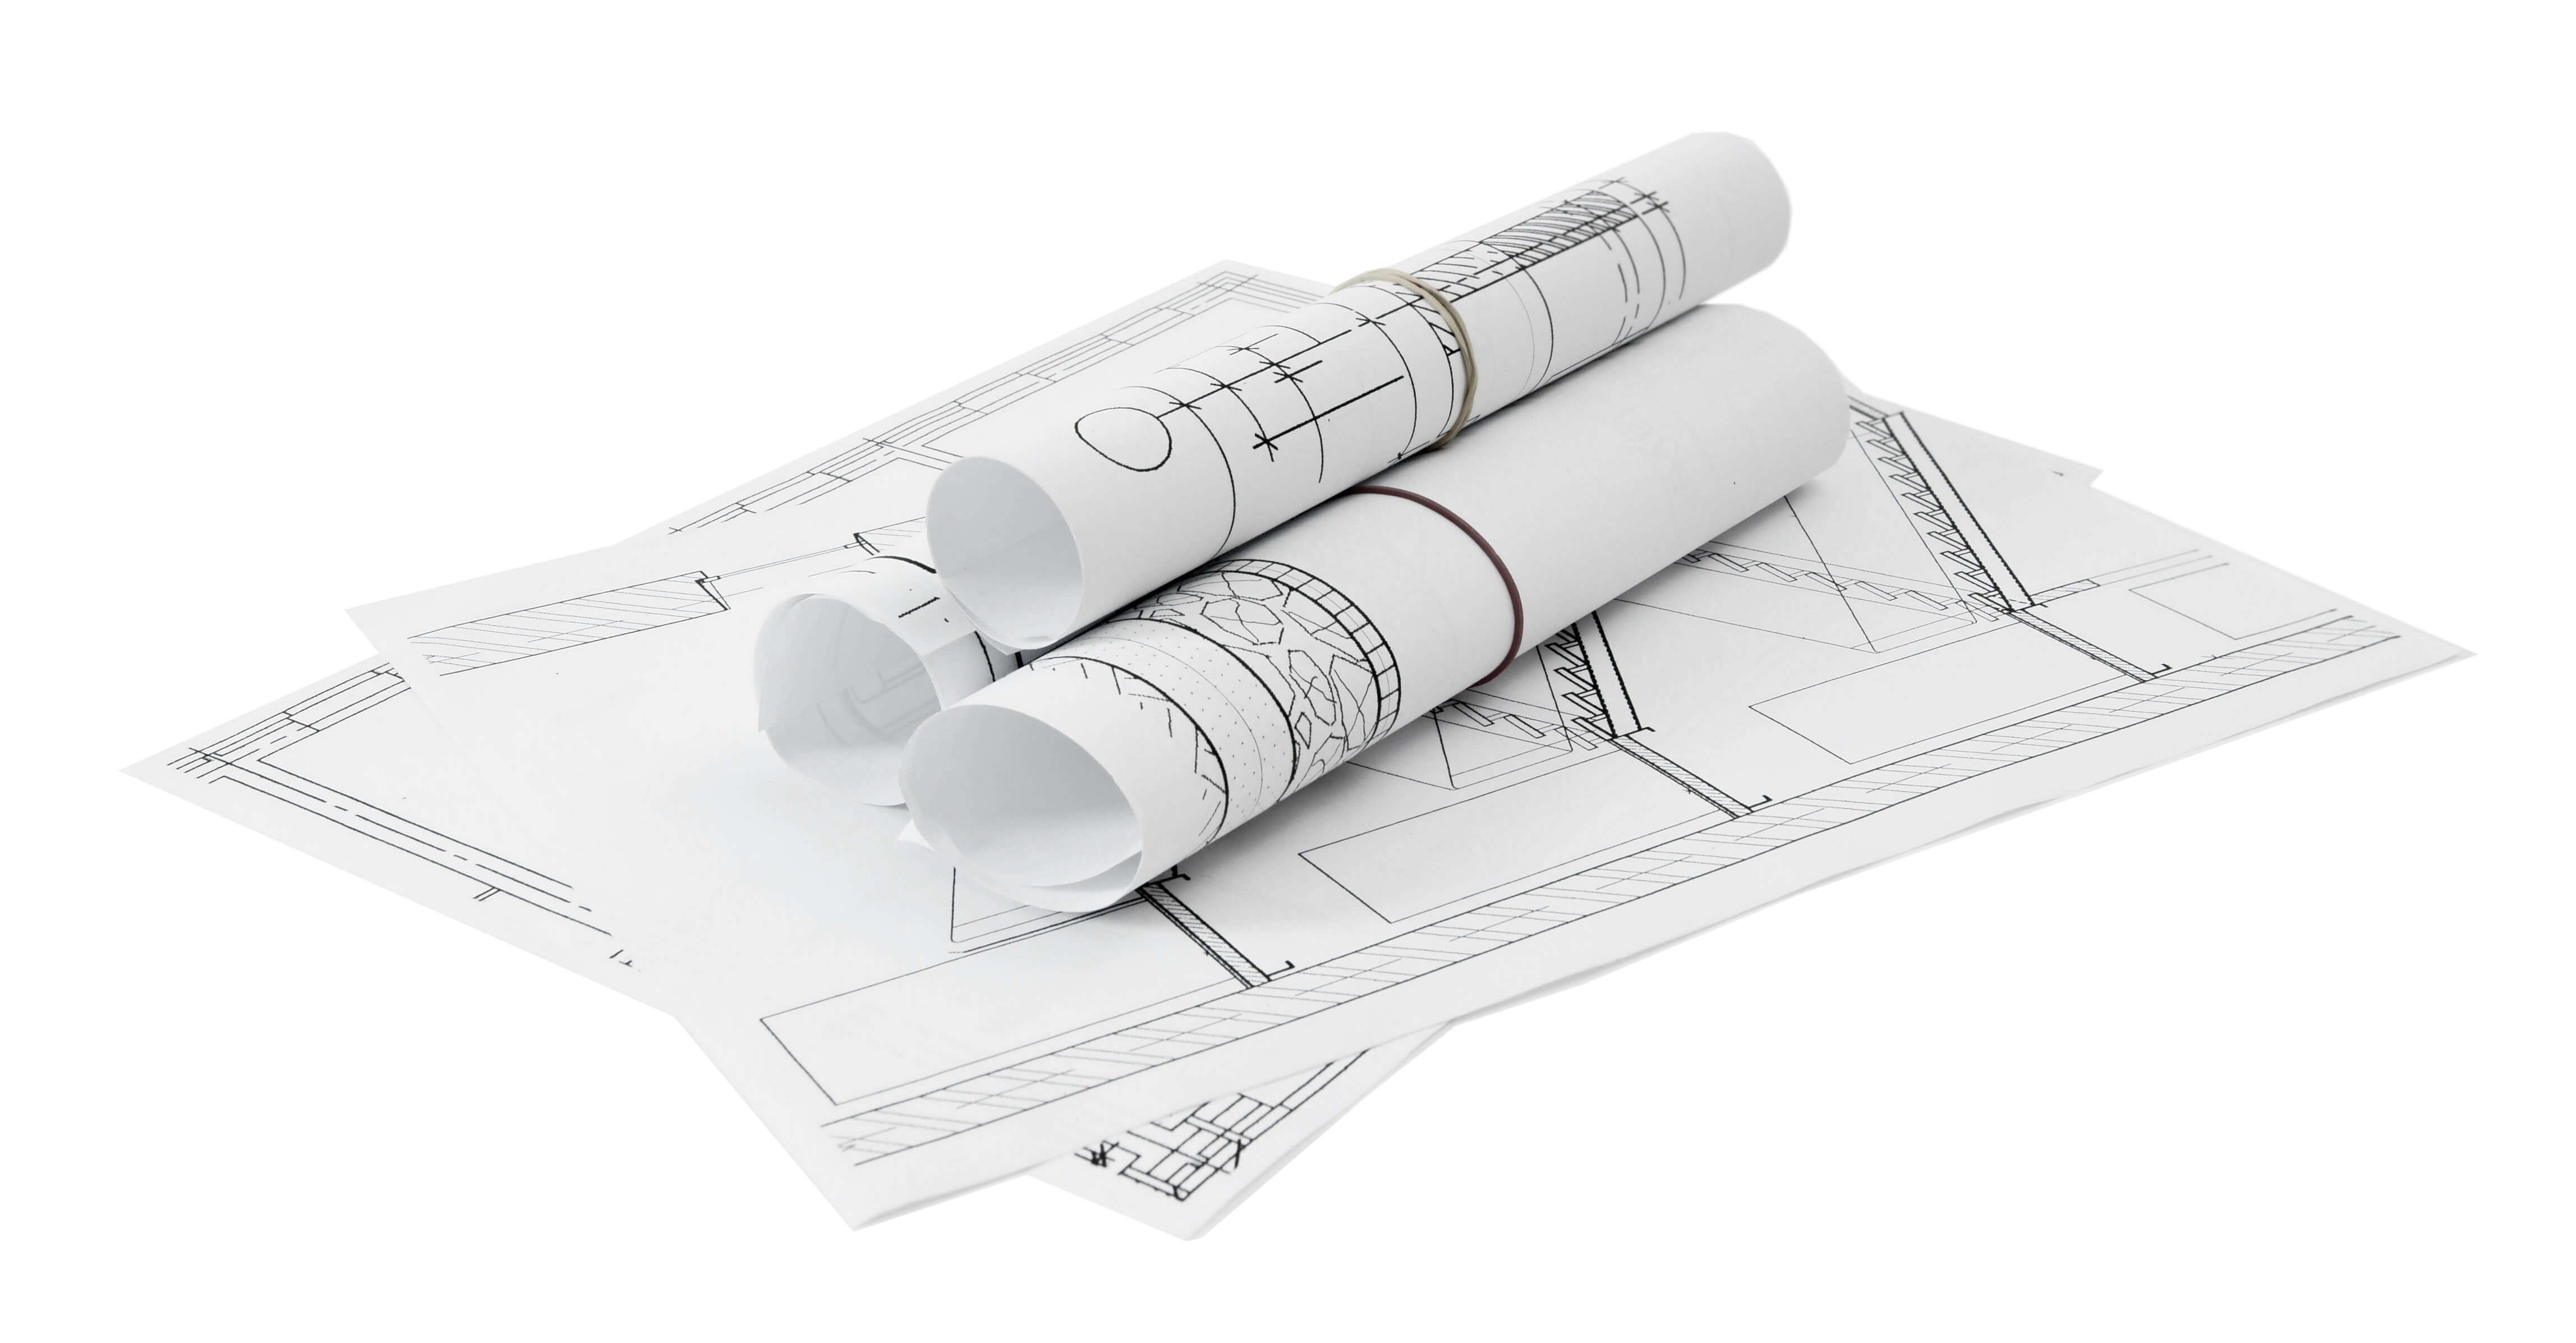 Ingenieurdienstleistungen aus dem Ingenieurbüro PS-engineering